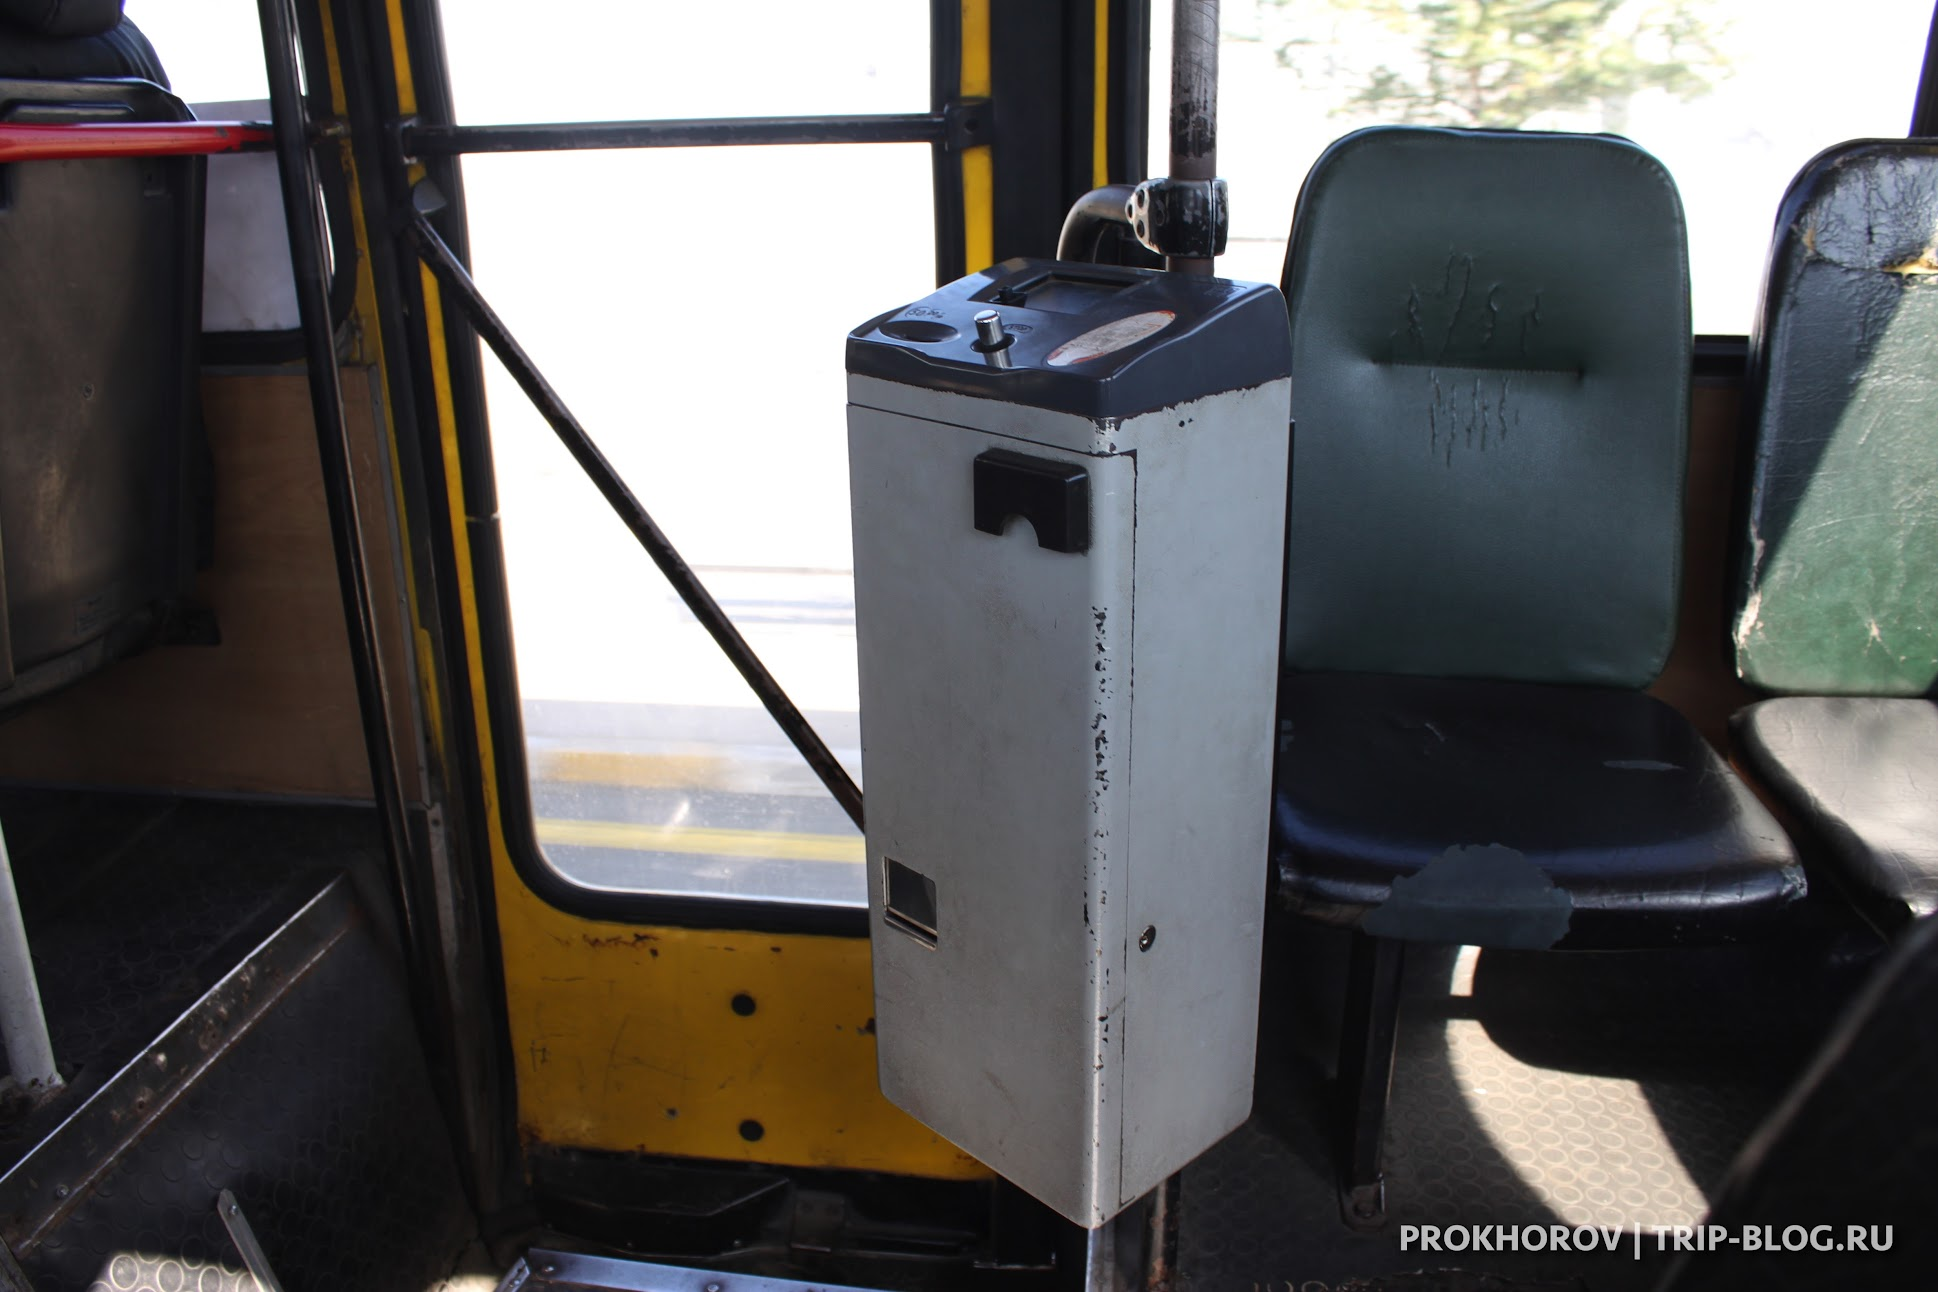 Тбилиси - оплата автобуса 37